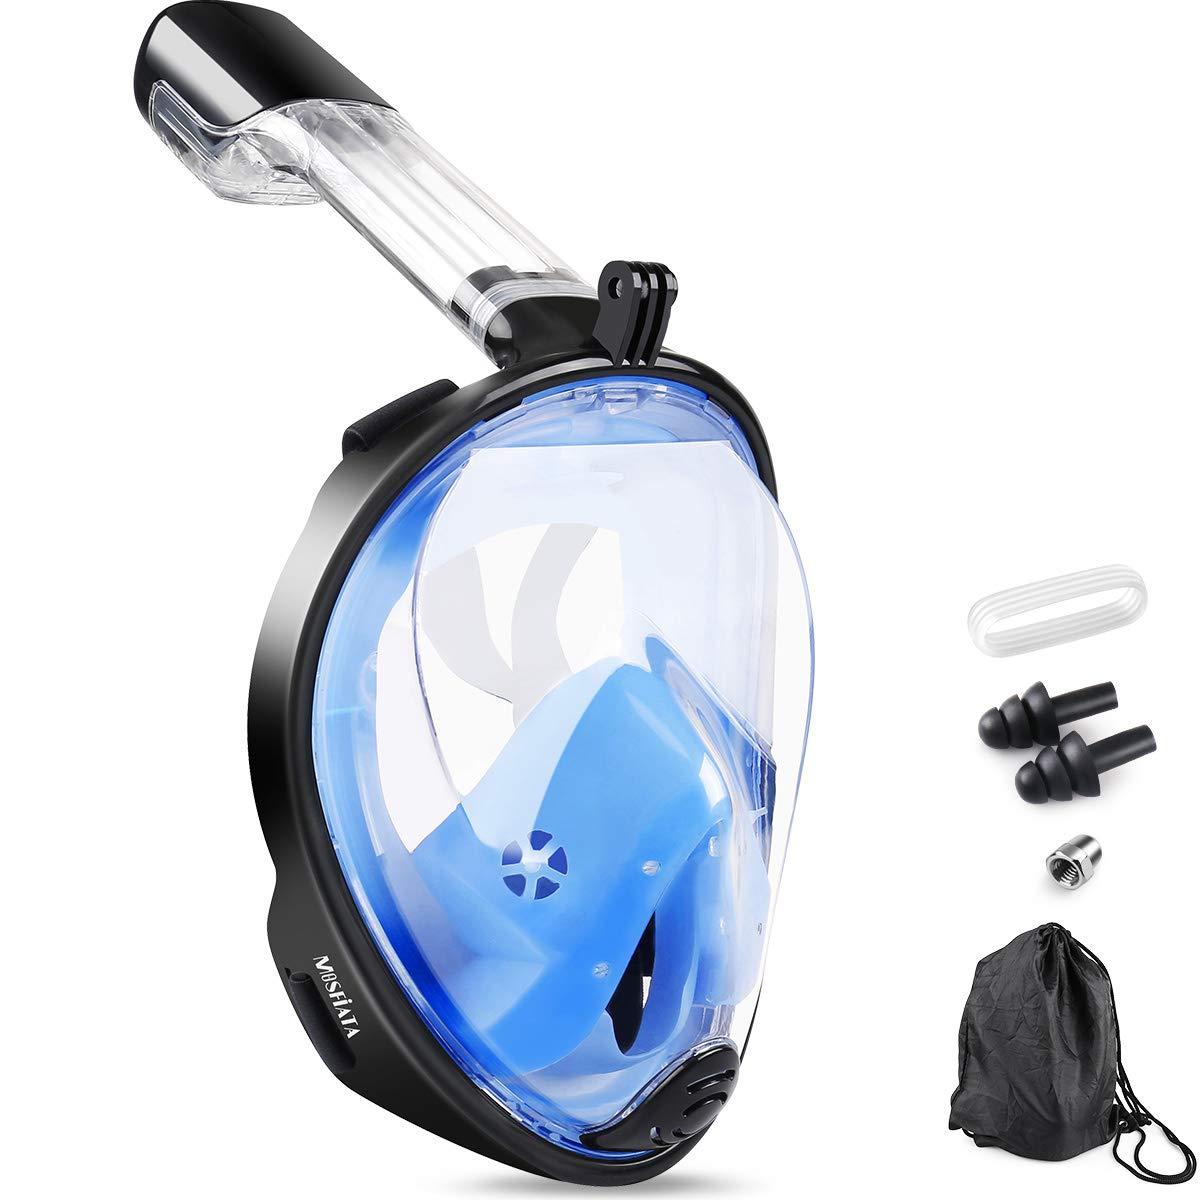 MOSFiATA Tauchmaske Vollmaske Schnorchelmaske Tauchermaske Anti-Fog Anti-Leck durch Dual-Belüftungsschlauch